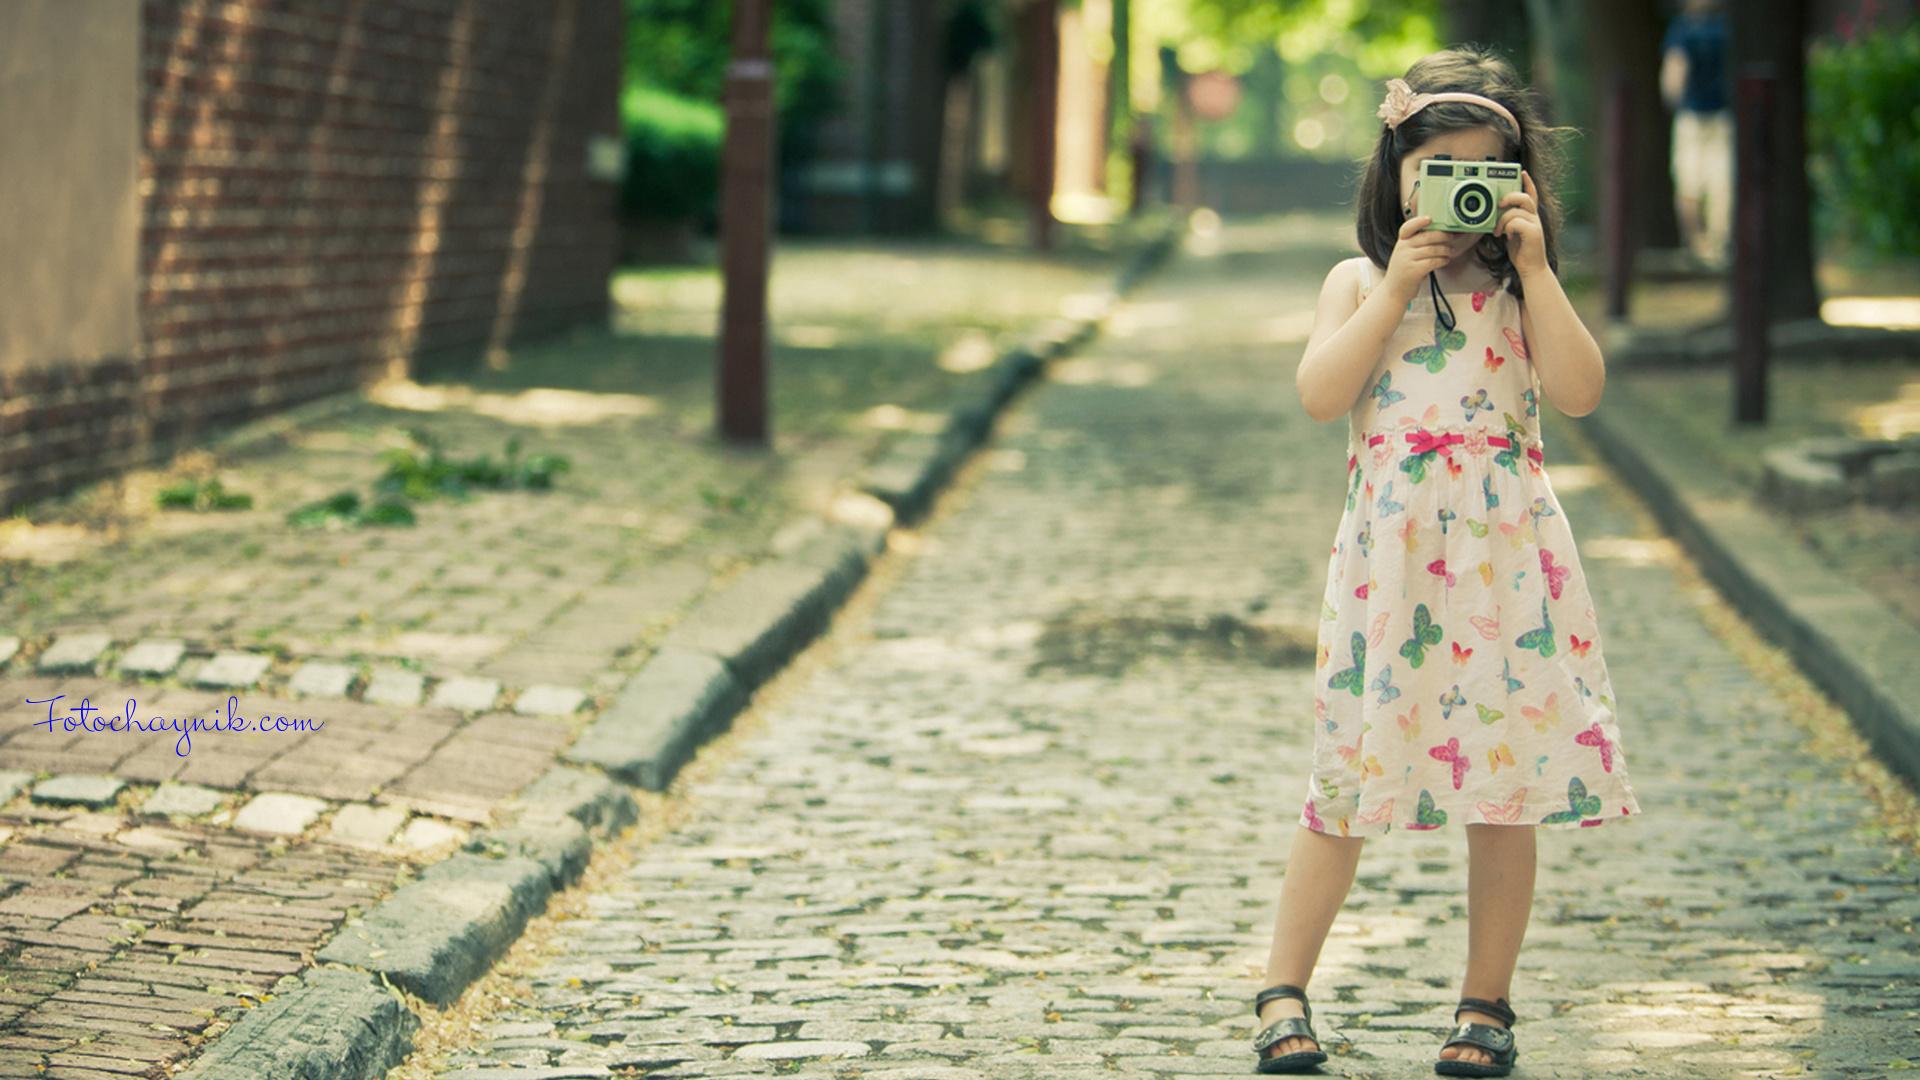 фотографии фотографов профессионалов